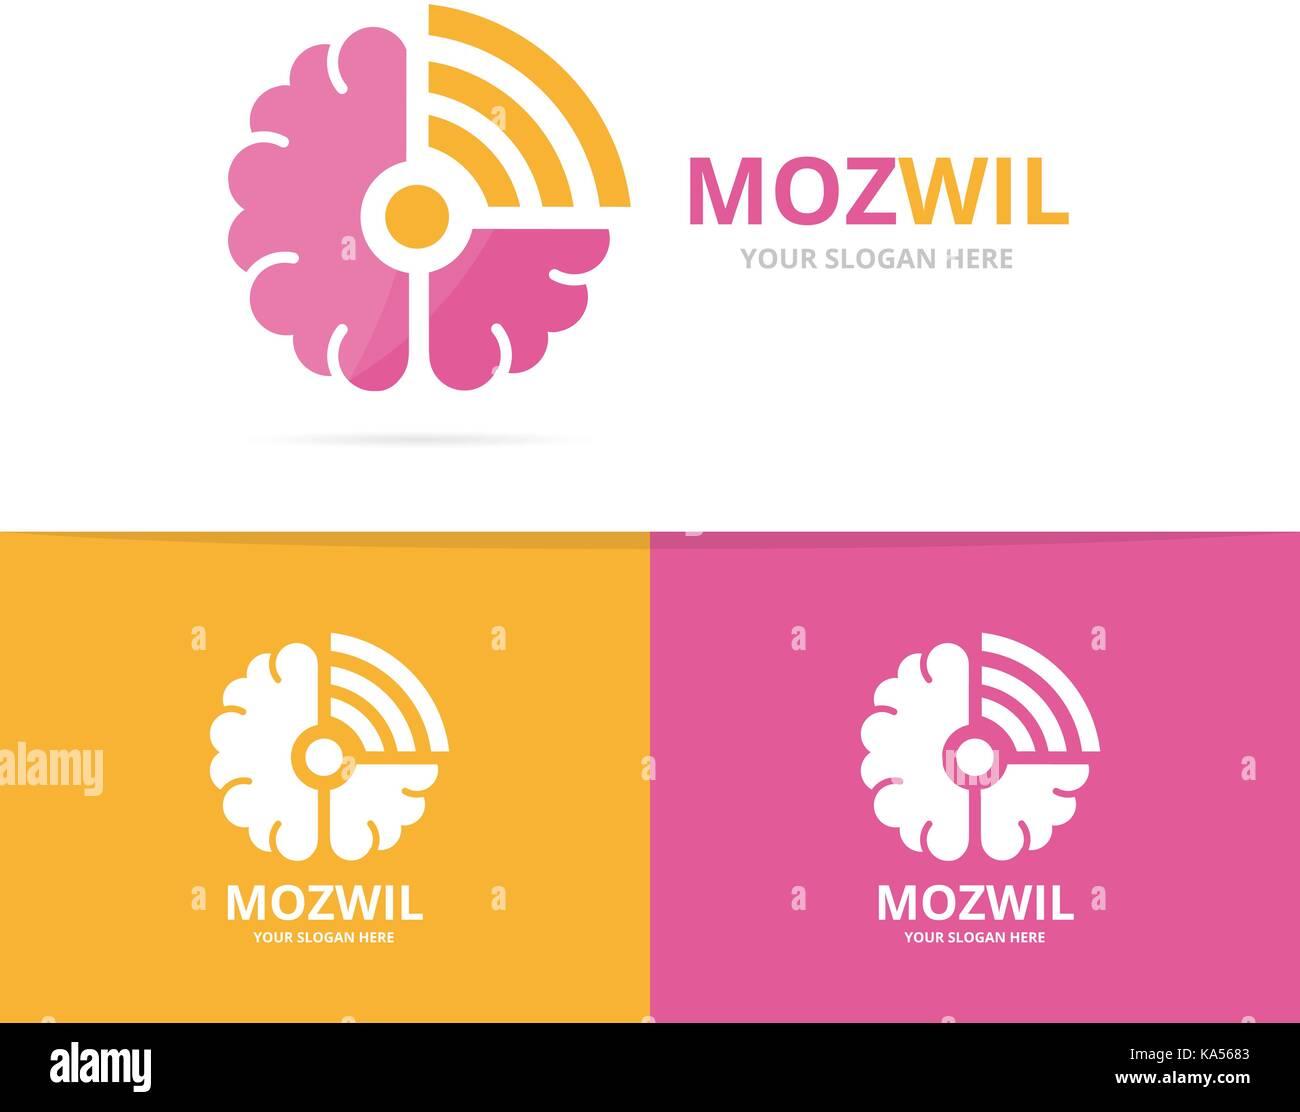 Vektor Gehirn Und Wlan Logo Kombination Bildung Und Signal